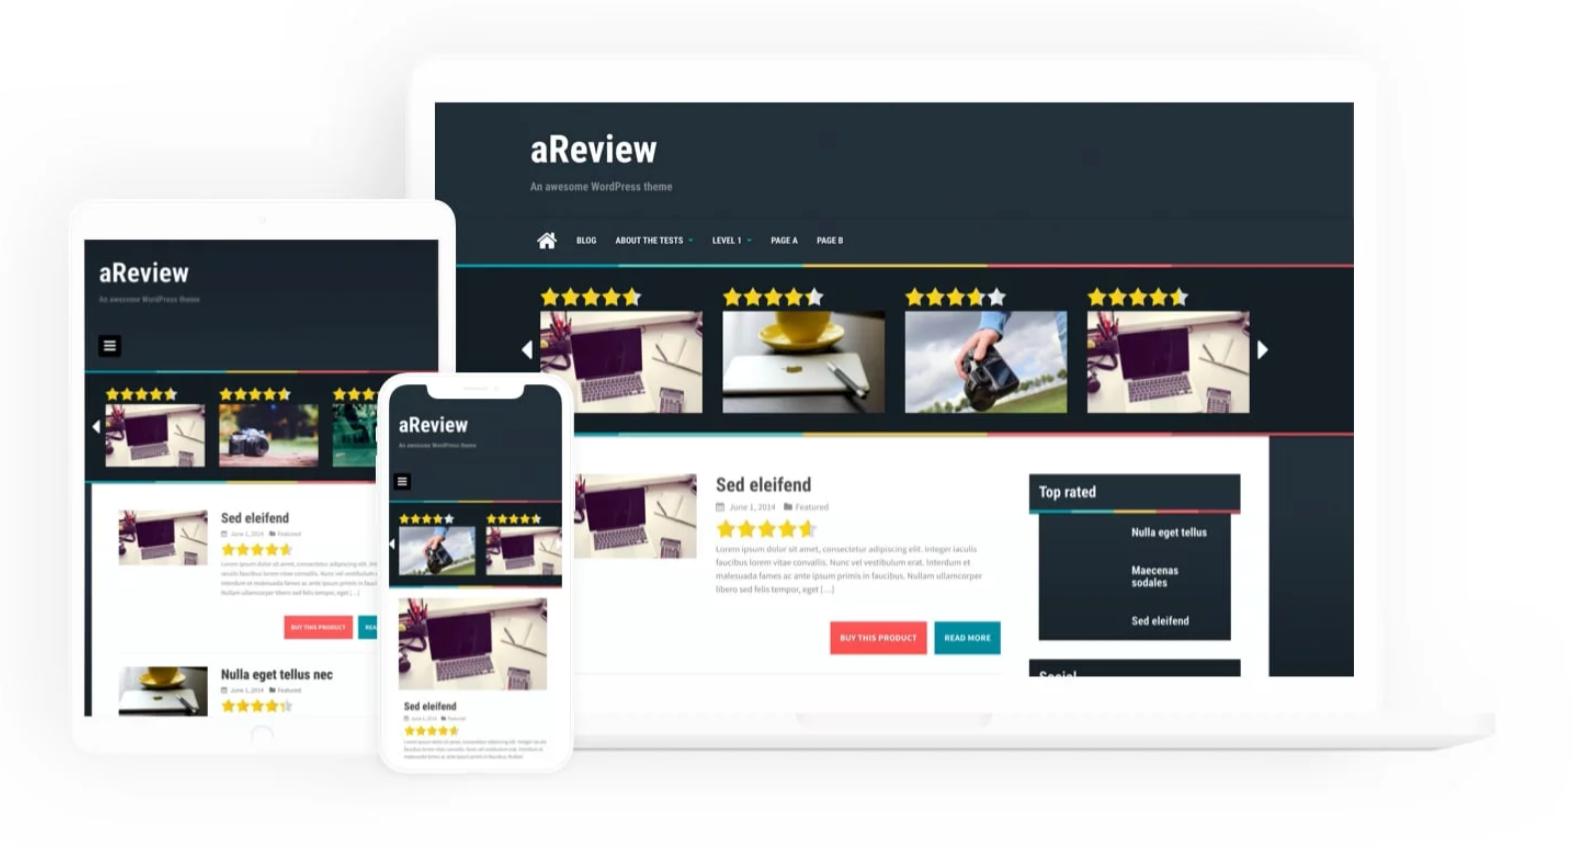 Ariview WordPress theme